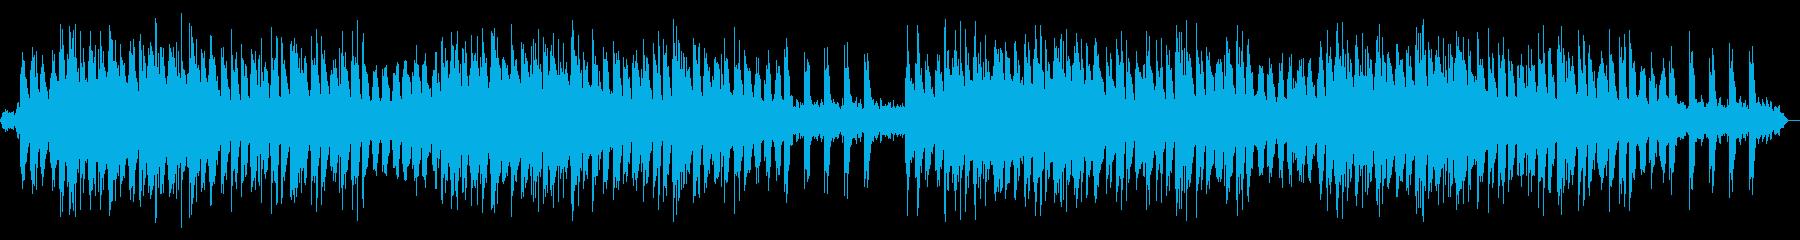 癒やしのピアノ 快眠 ヒーリング 深海の再生済みの波形